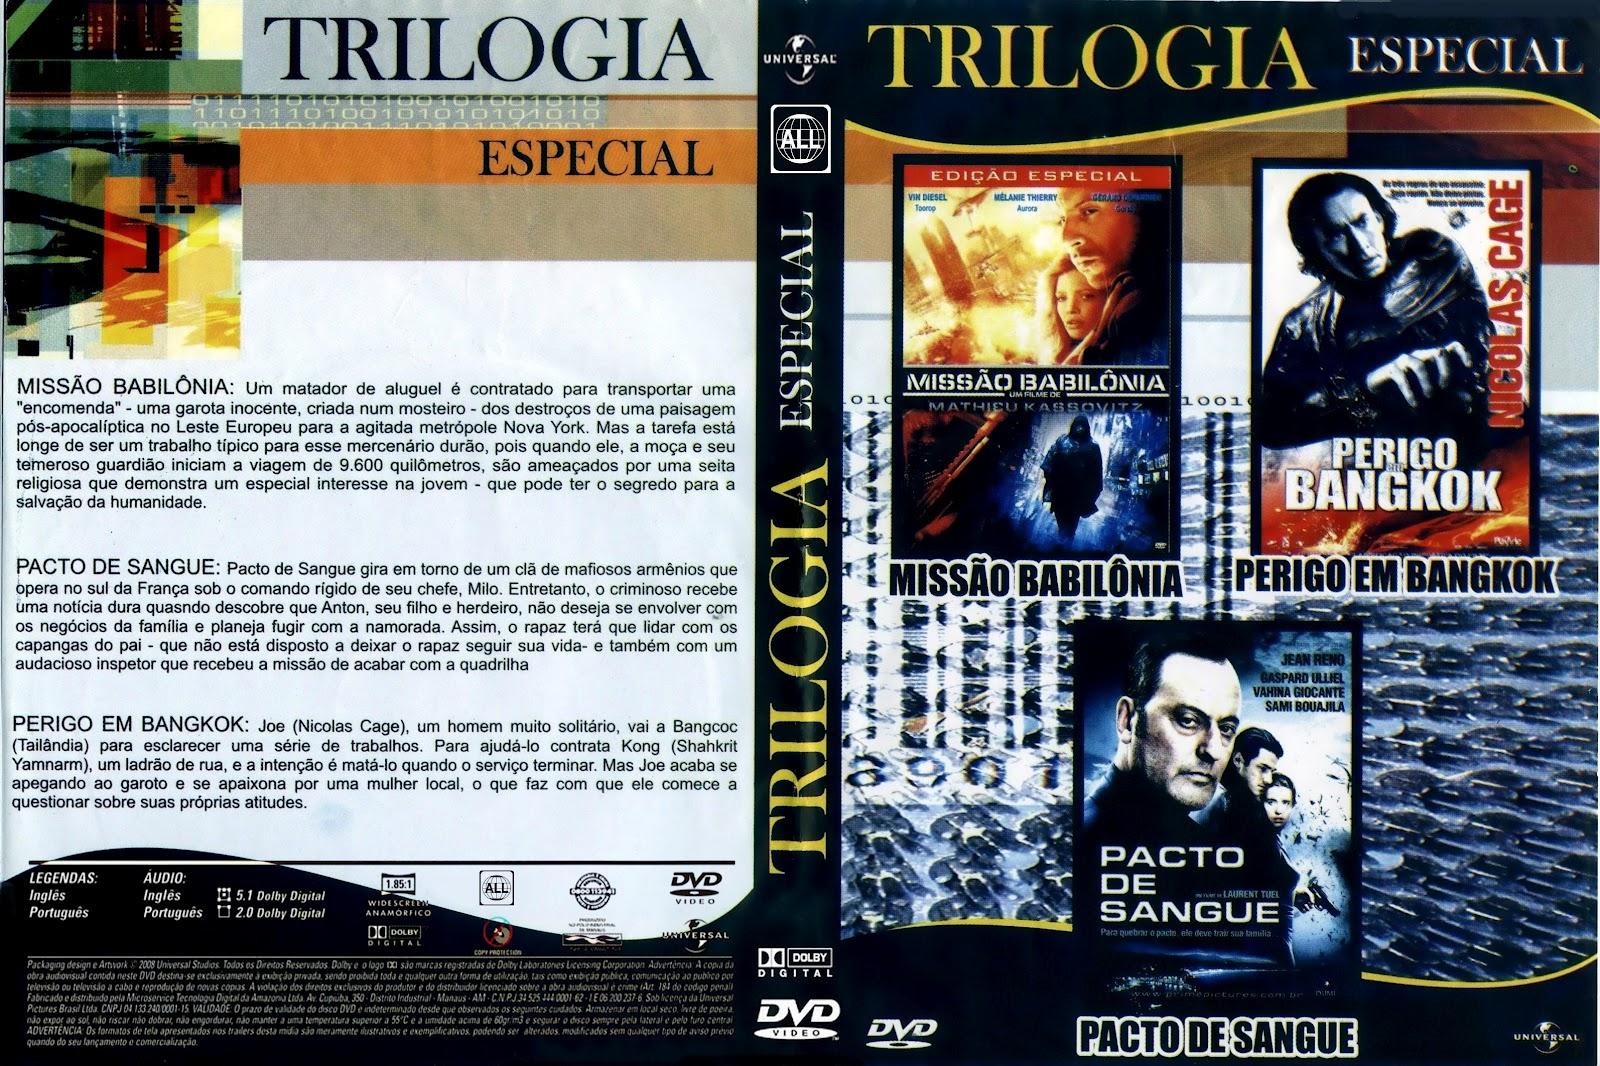 http://4.bp.blogspot.com/-f6sblB8qYeg/UDOErZ-RM4I/AAAAAAAADPA/uvfbuabYdOk/s1600/Trilogia%2BEspecial.jpg